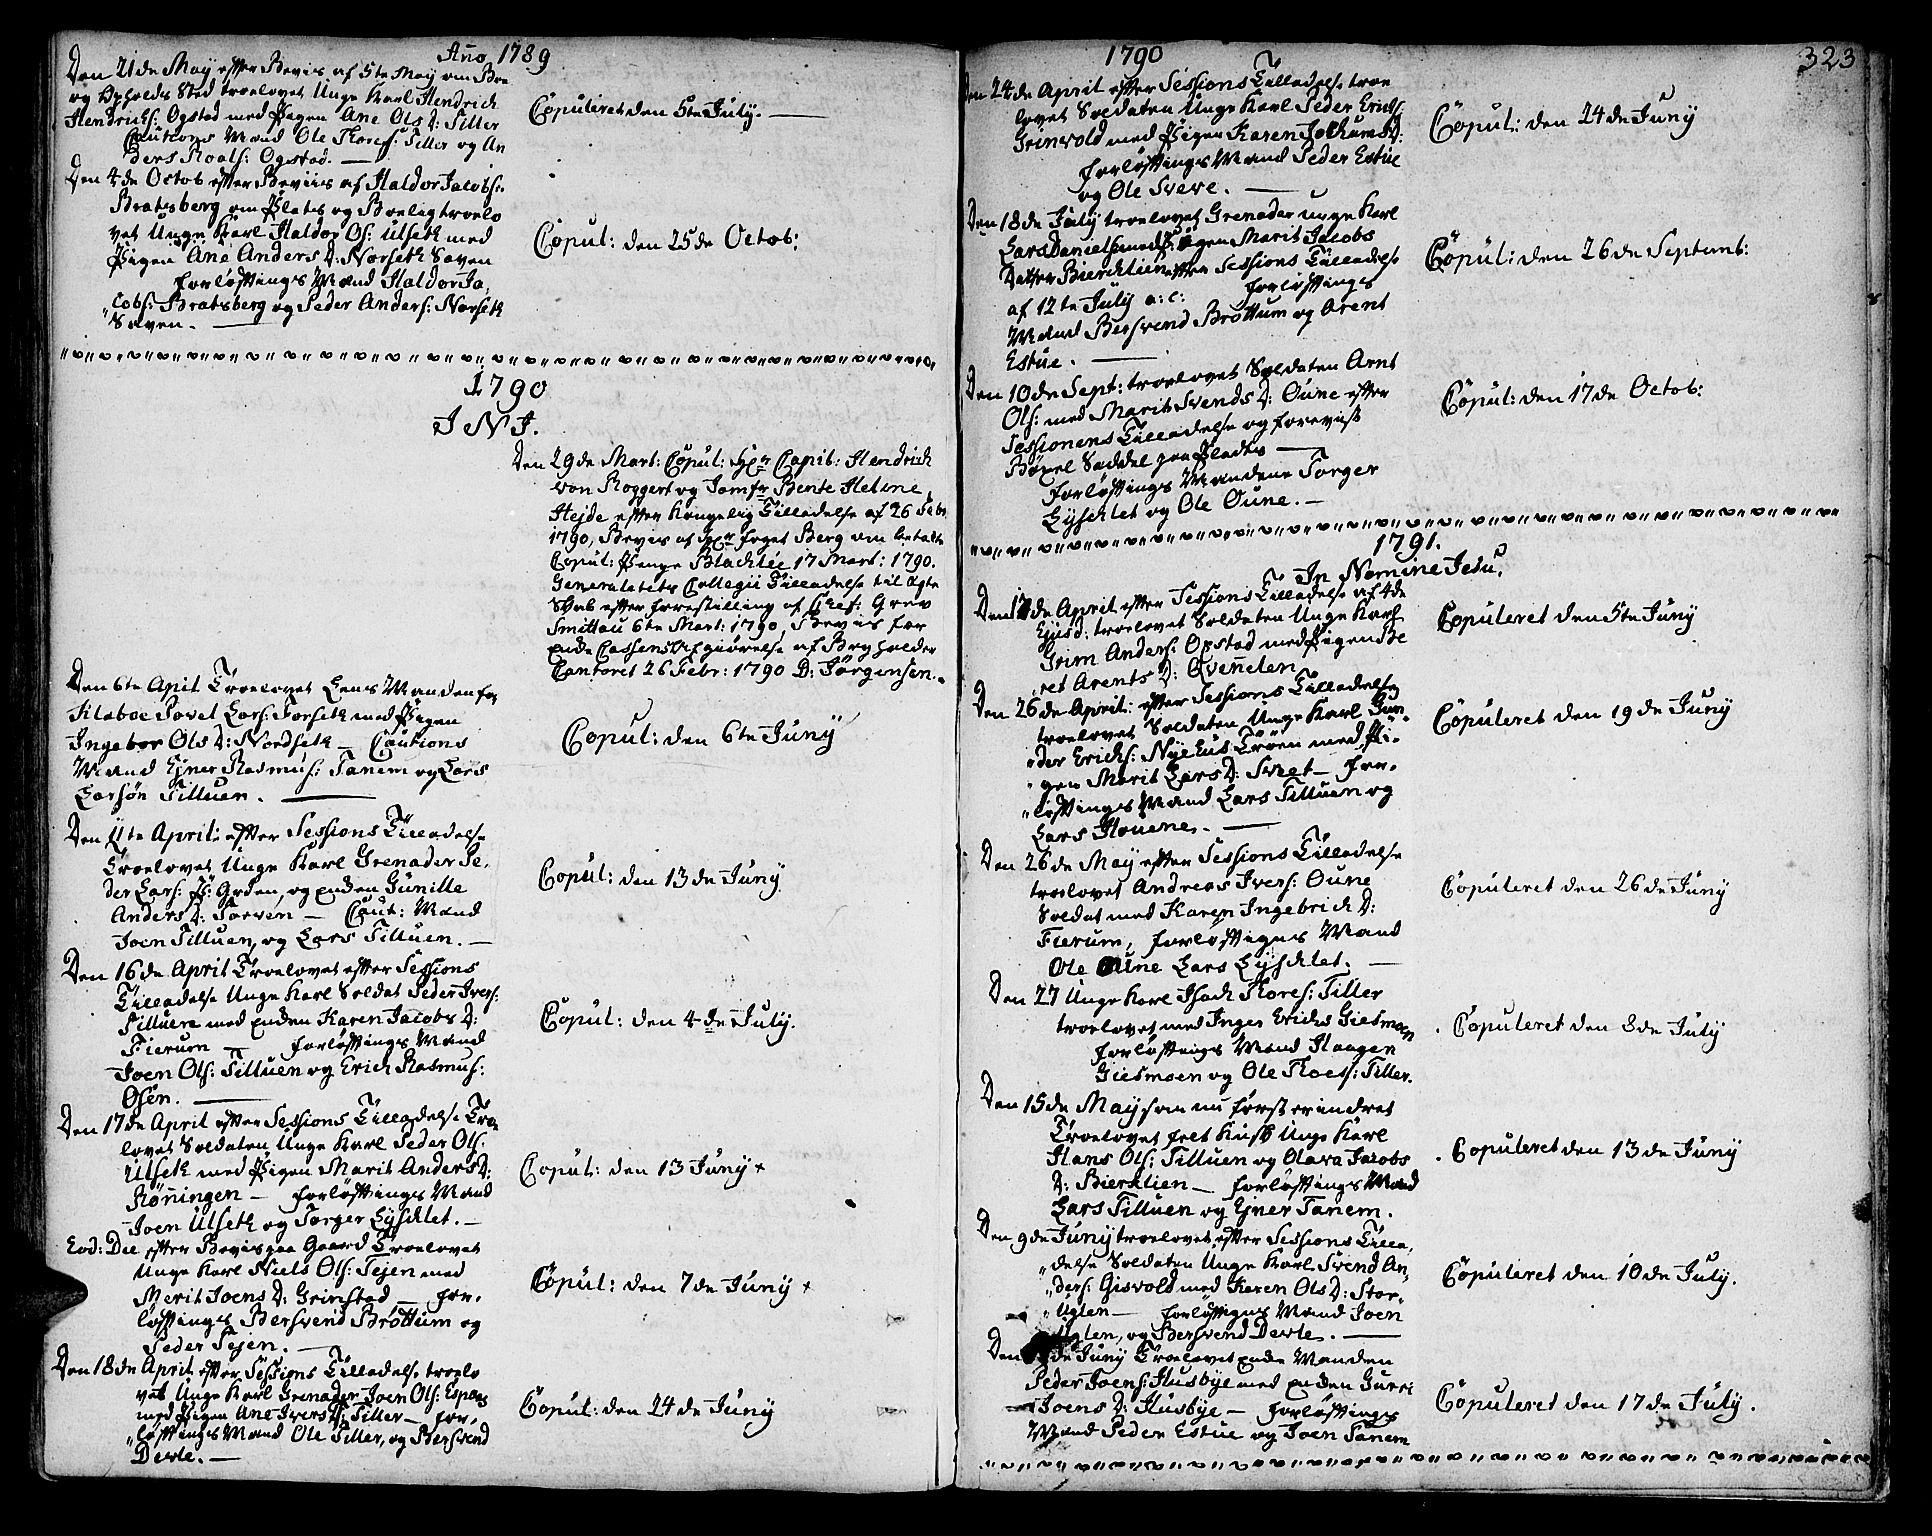 SAT, Ministerialprotokoller, klokkerbøker og fødselsregistre - Sør-Trøndelag, 618/L0438: Ministerialbok nr. 618A03, 1783-1815, s. 323